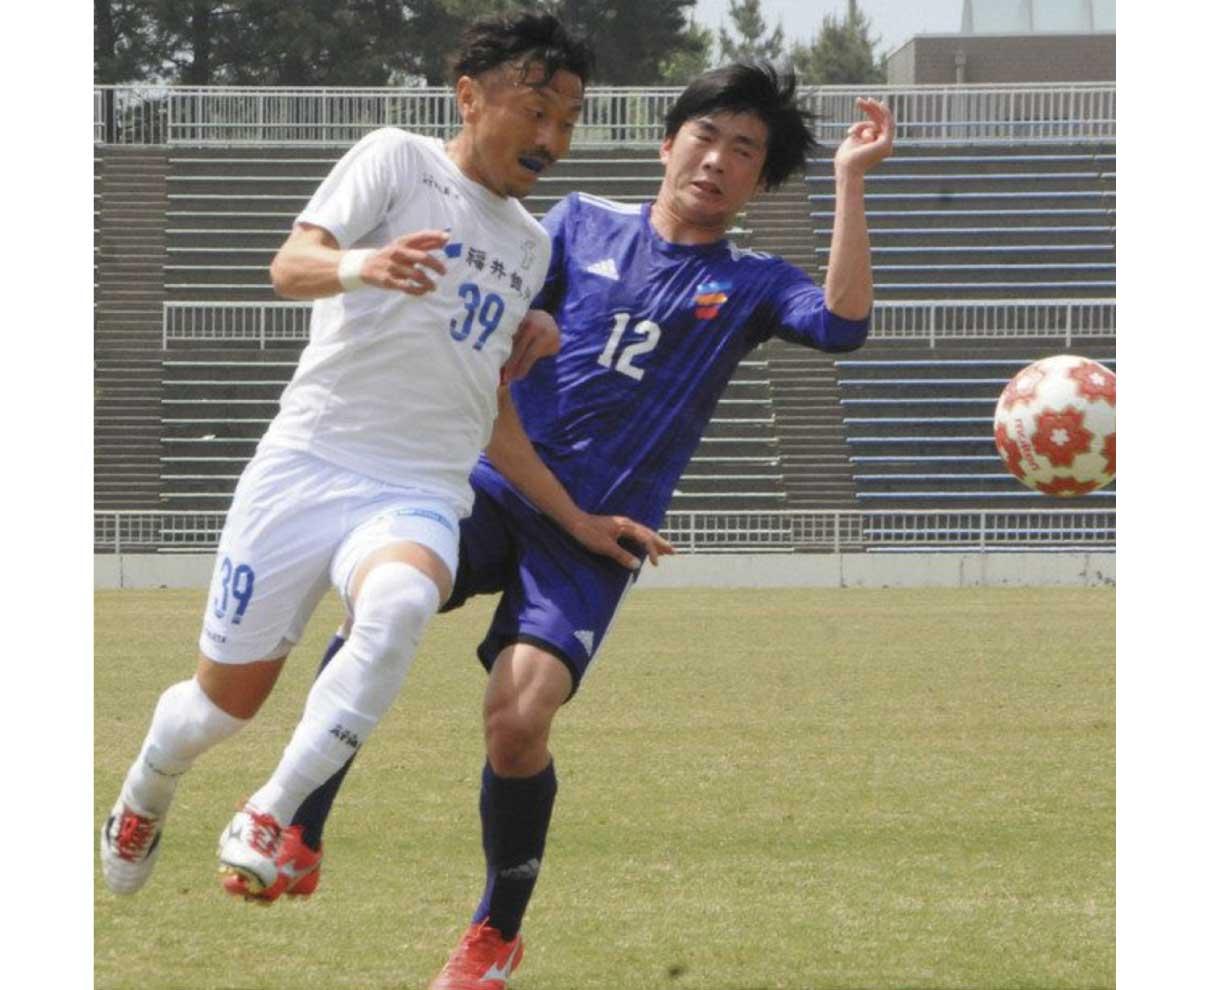 ユナイテッド天皇杯へ サッカー県選手権 前身含め10連覇